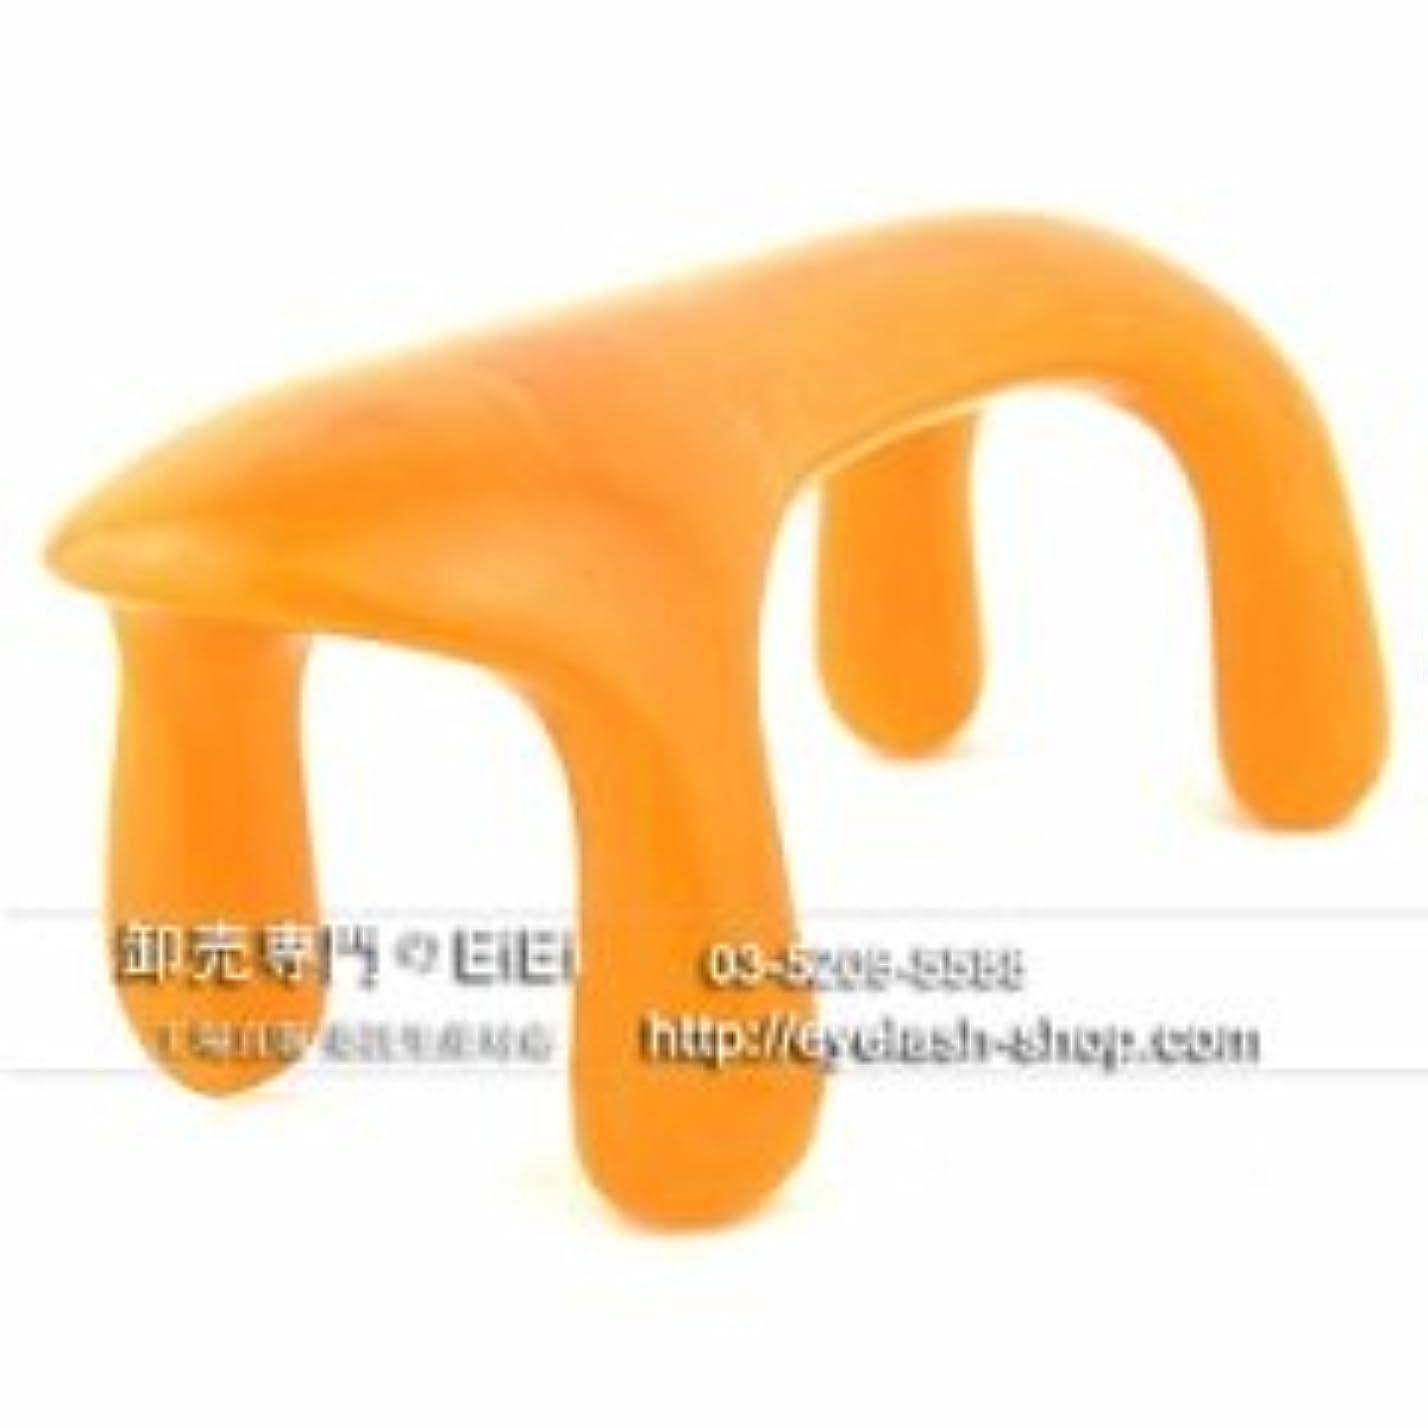 咳専門化するアンビエントかっさ板 蜜蝋かっさプレート 美容マッサージかっさ板 グアシャ板 C-08